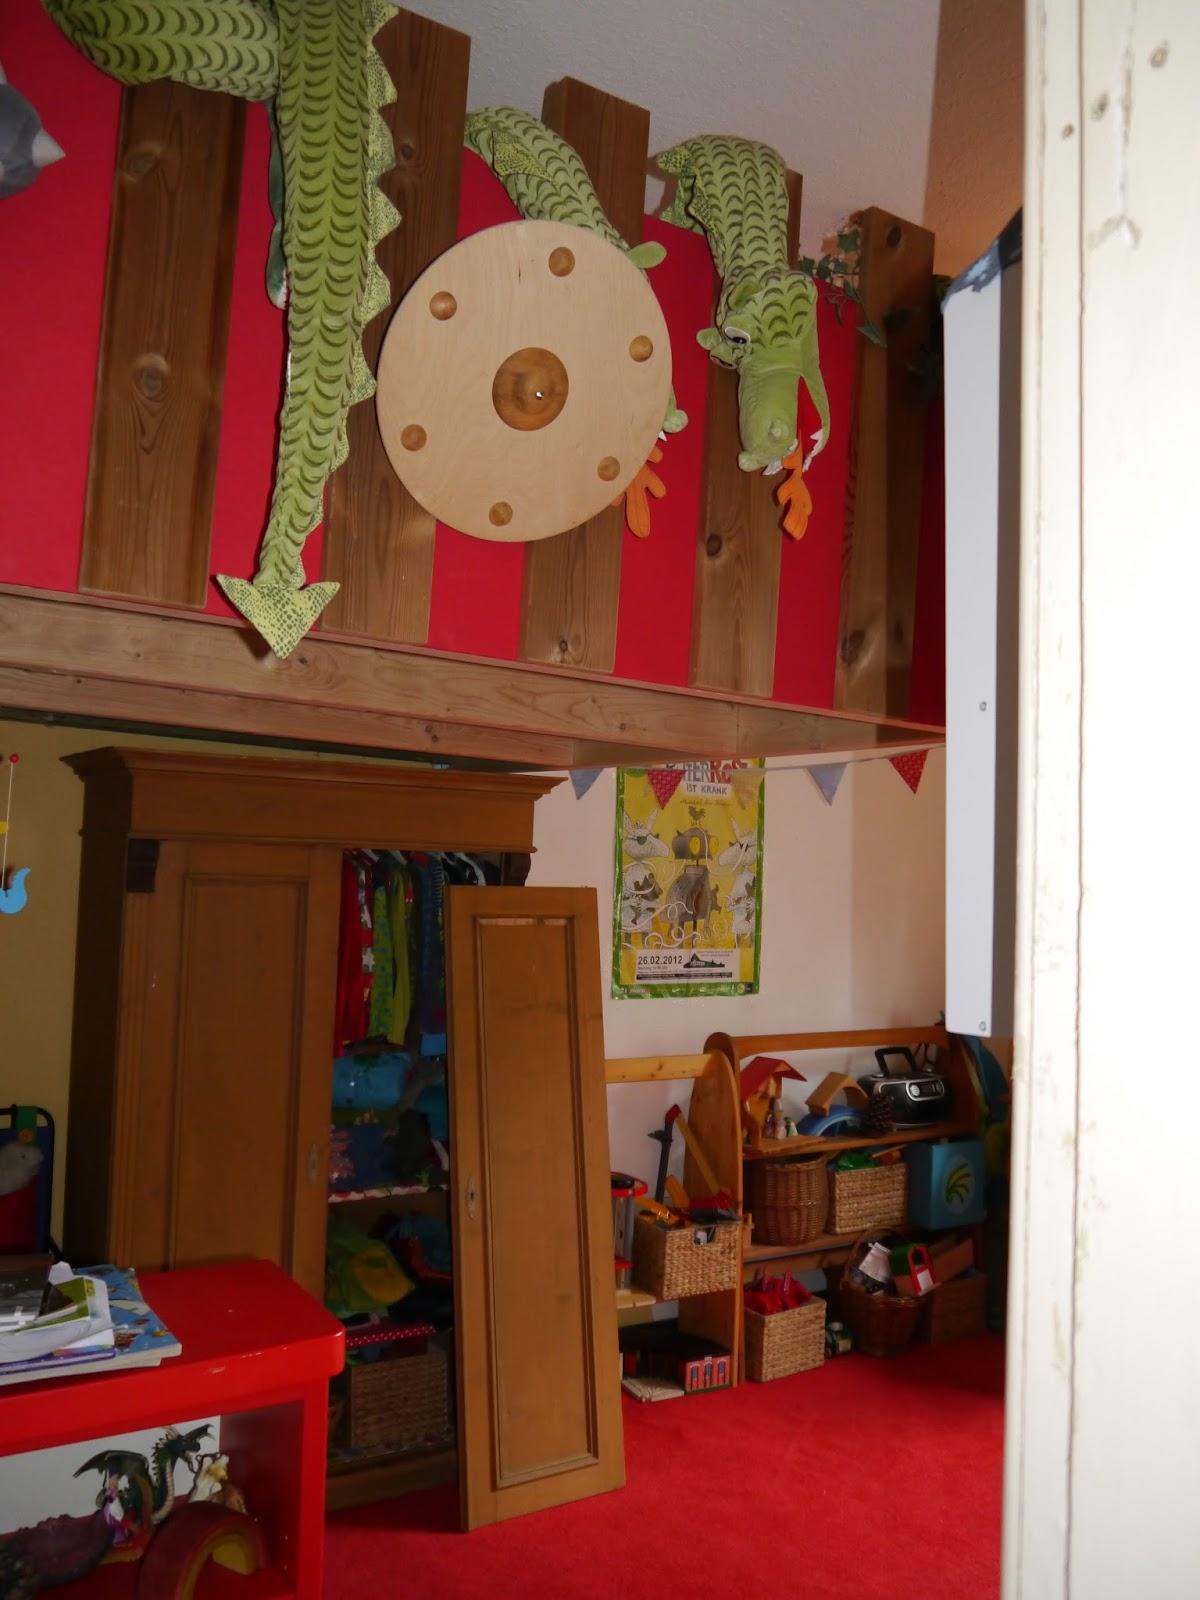 die weltenbauer kjells drachen ritter reich kinderzimmer vorstellung. Black Bedroom Furniture Sets. Home Design Ideas